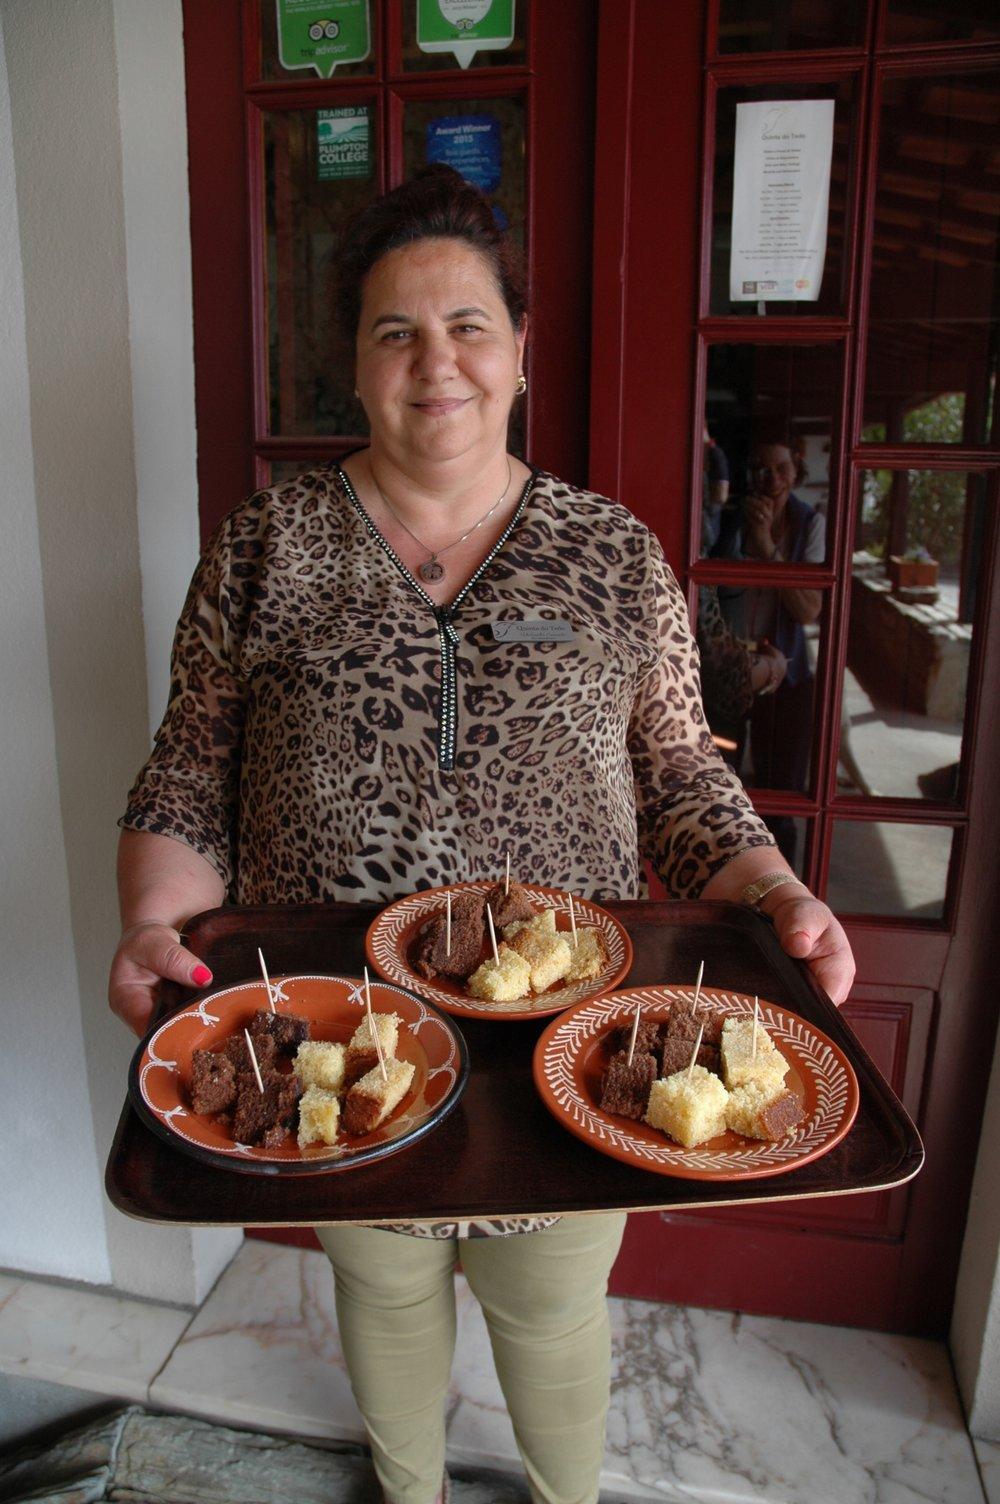 En dégustation les gâteaux d'Adelaide se marrient parfaitement avec nos Portos !